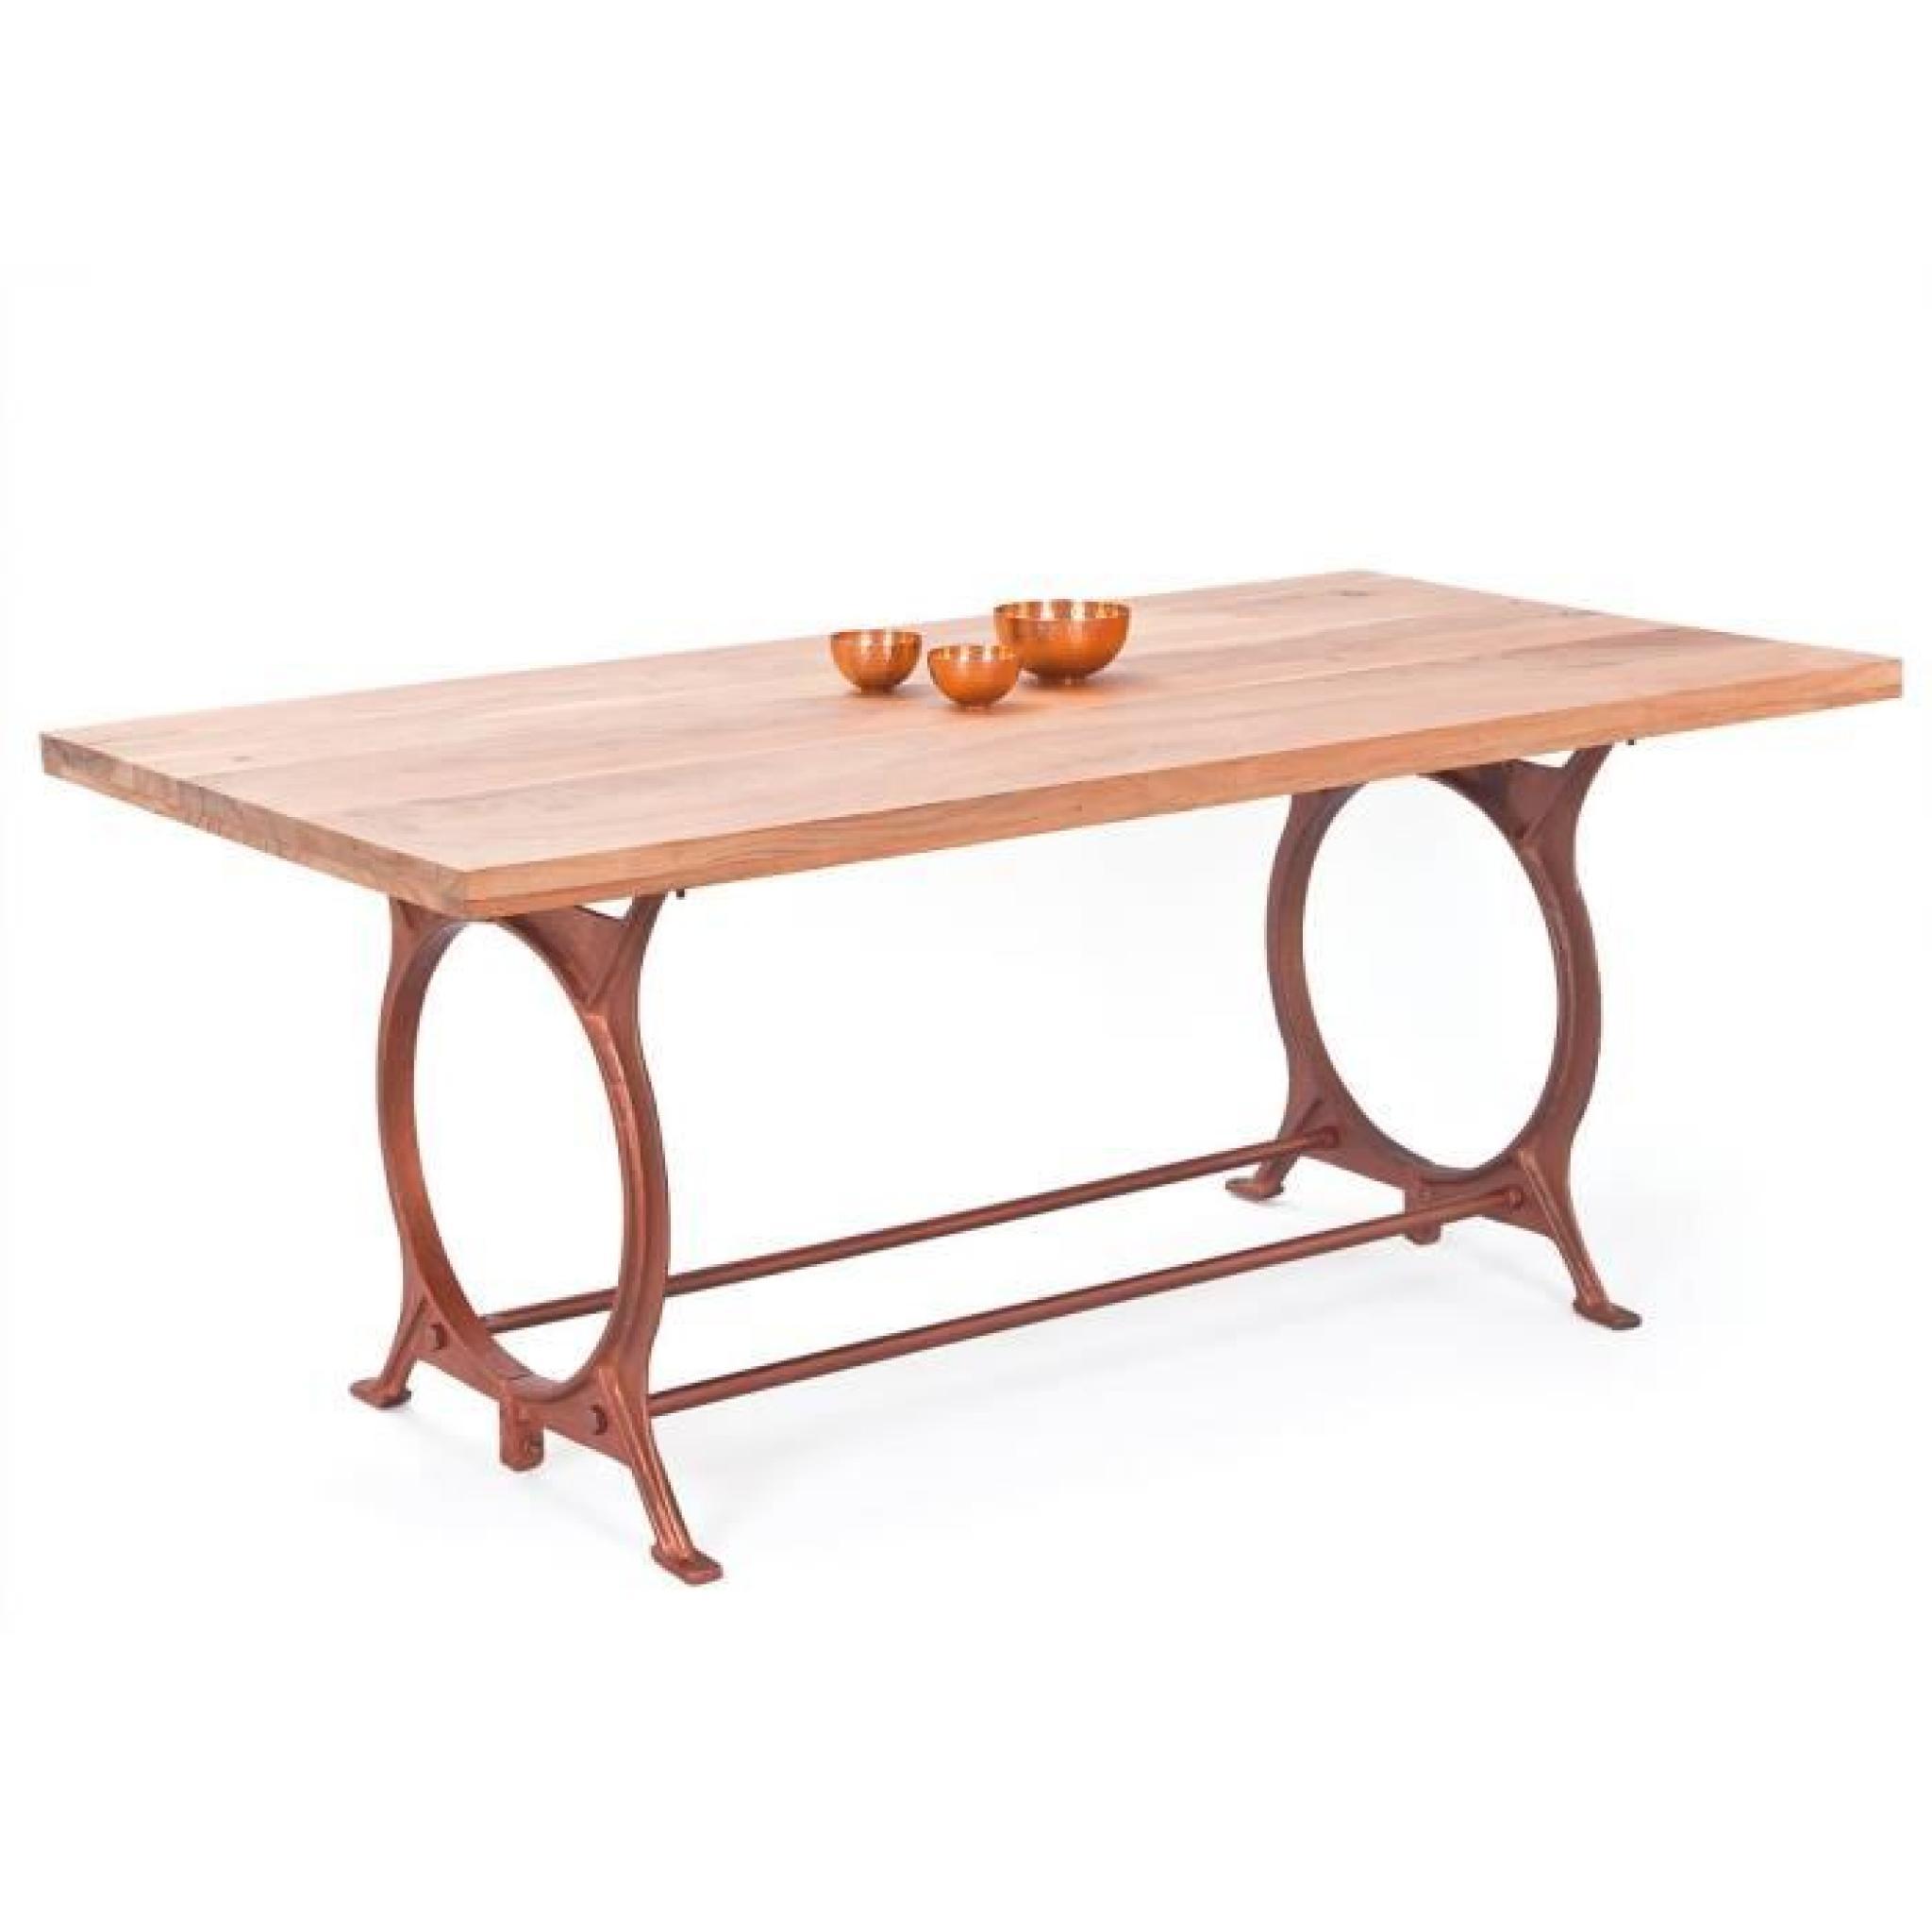 table salle a manger bois metal table bois ebeniste. Black Bedroom Furniture Sets. Home Design Ideas